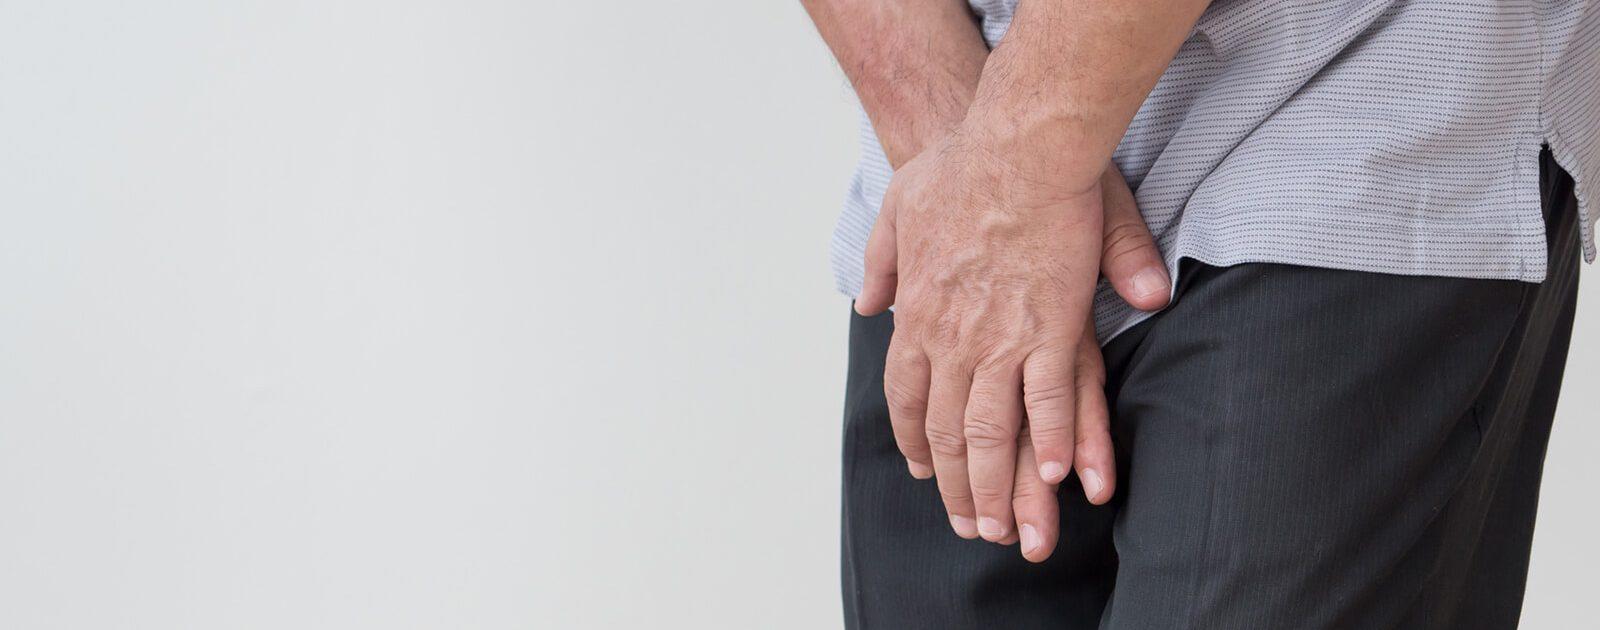 Mann verdeckt seinen Schritt, da er an Inkontinenz leidet